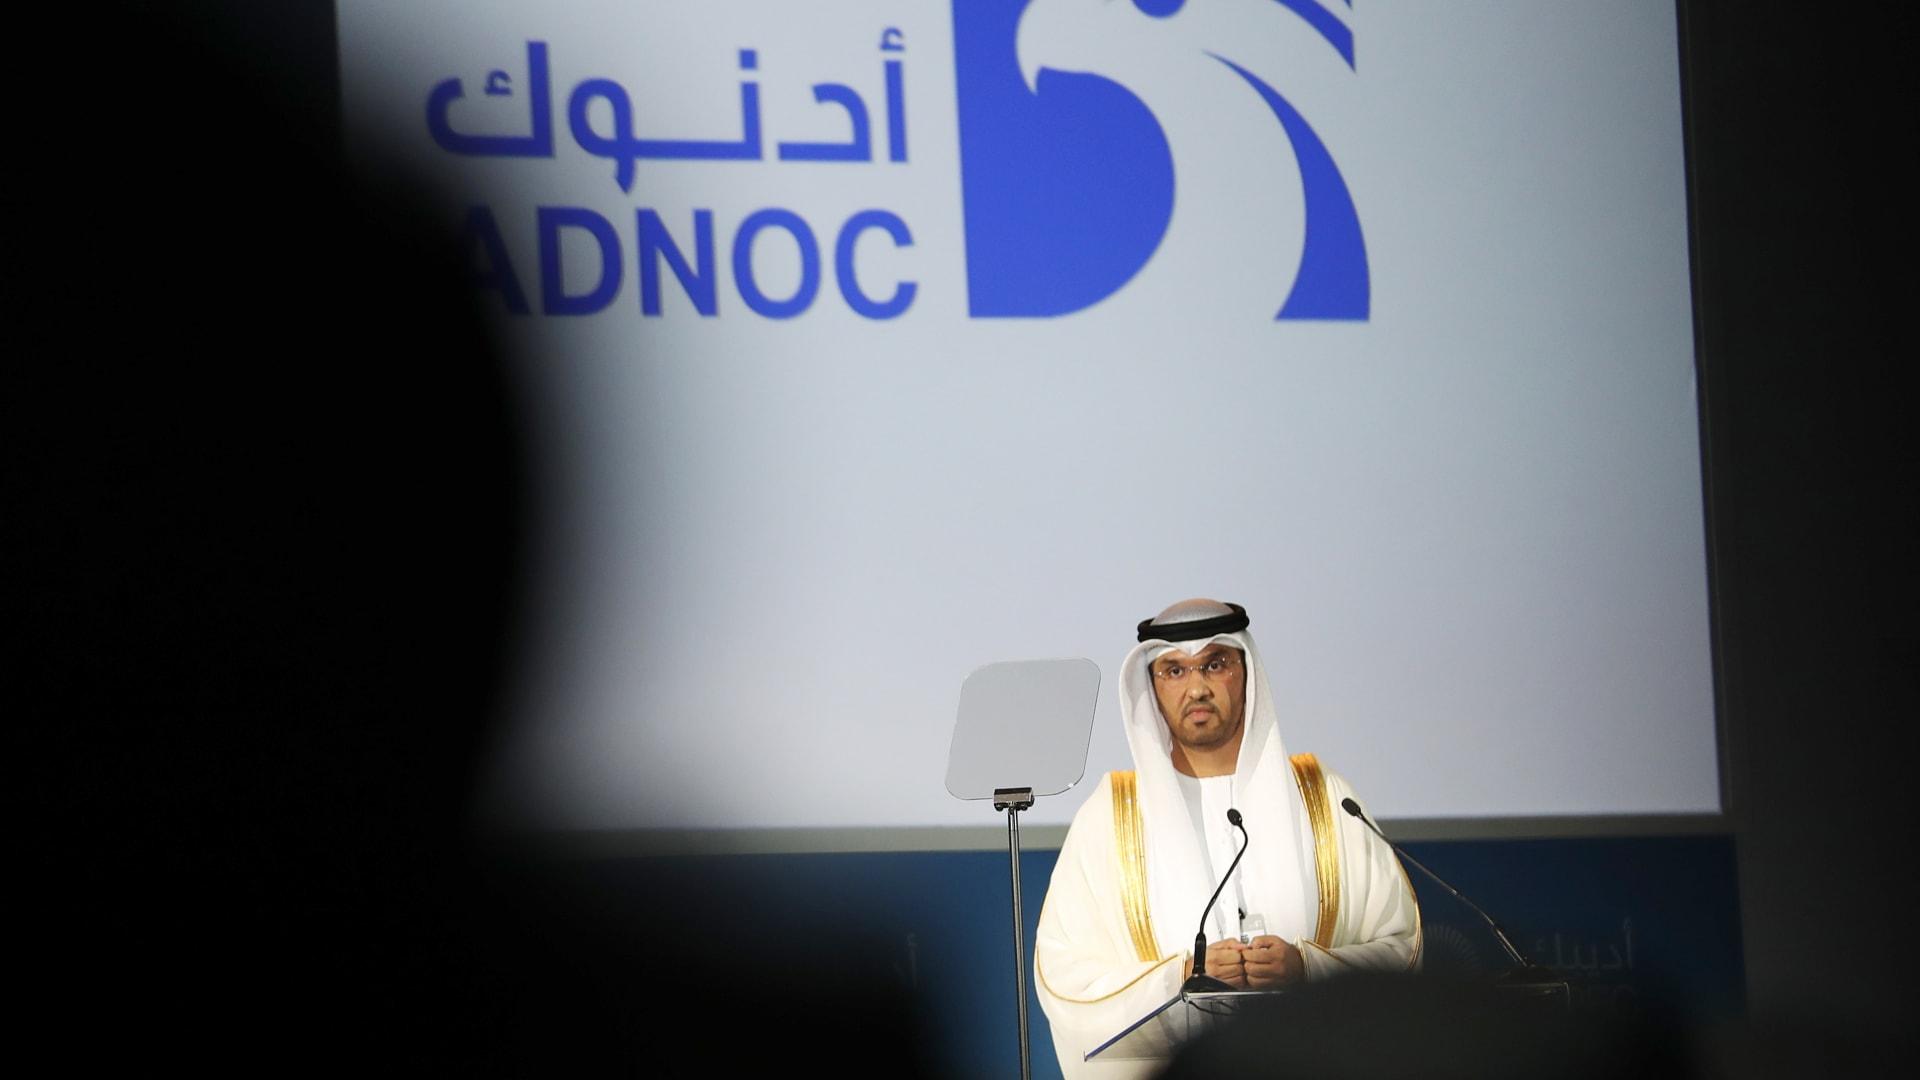 الرئيس التنفيذي لشركة أدنوك الاماراتية سلطان الجابر في مؤتمر